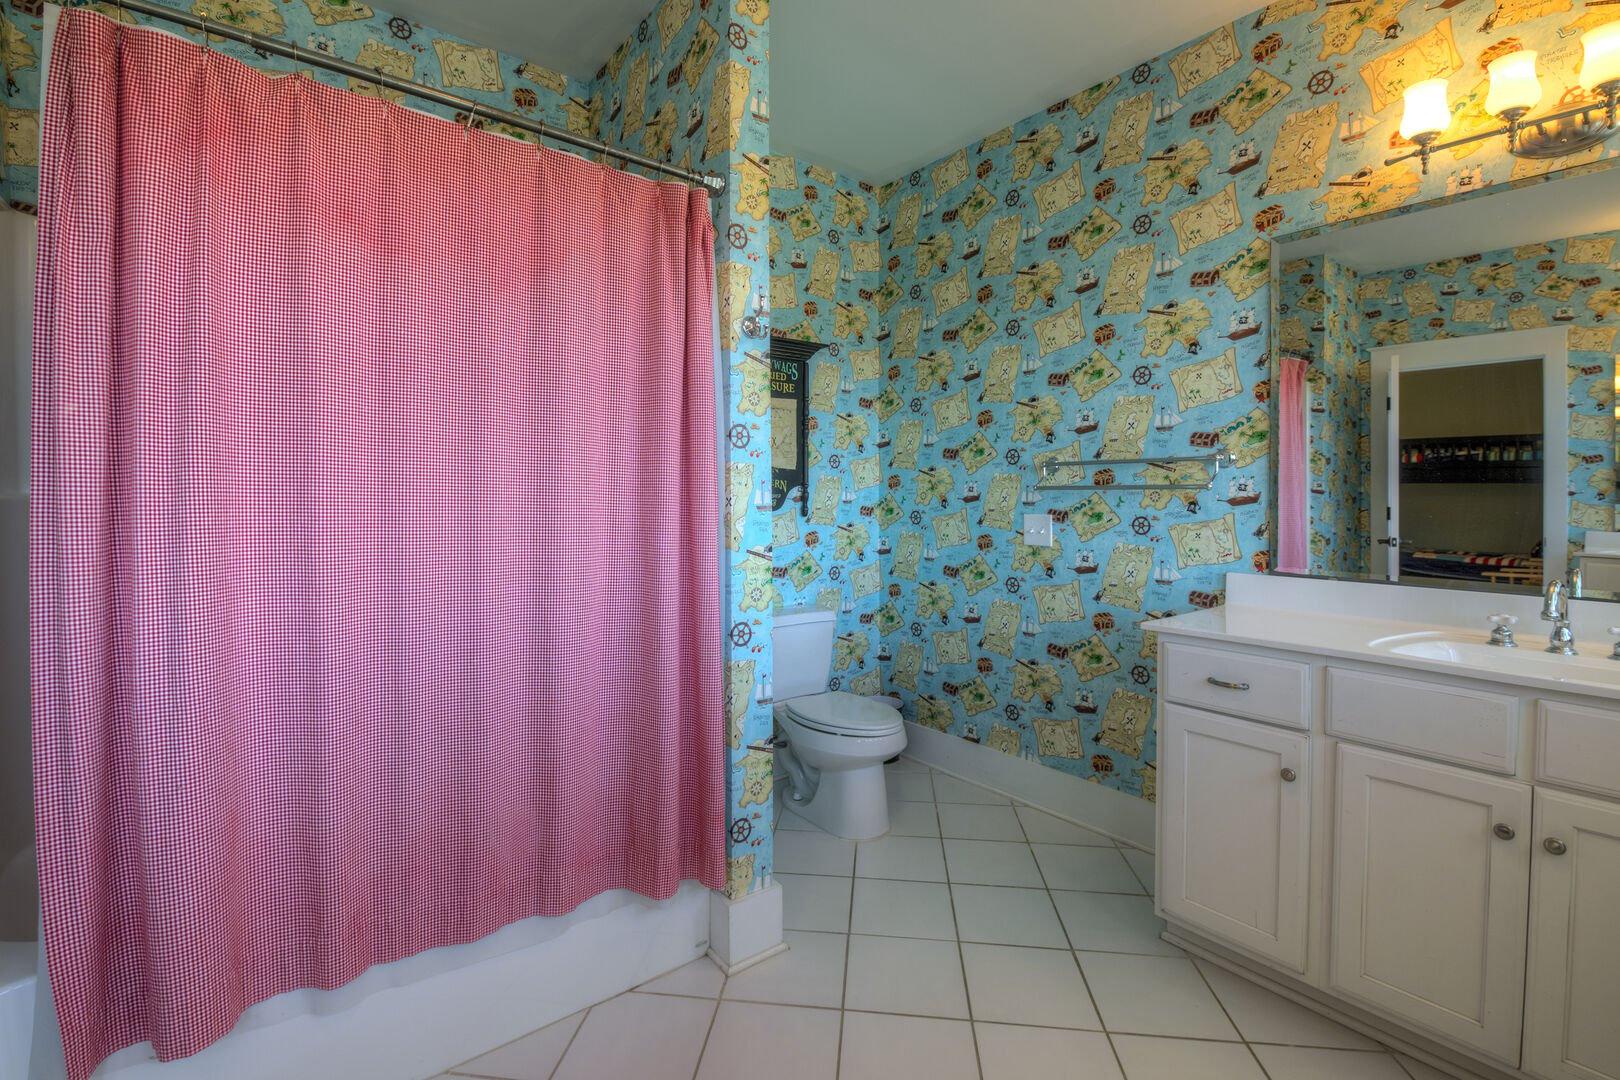 Bunk Beds Bathroom - Second Floor